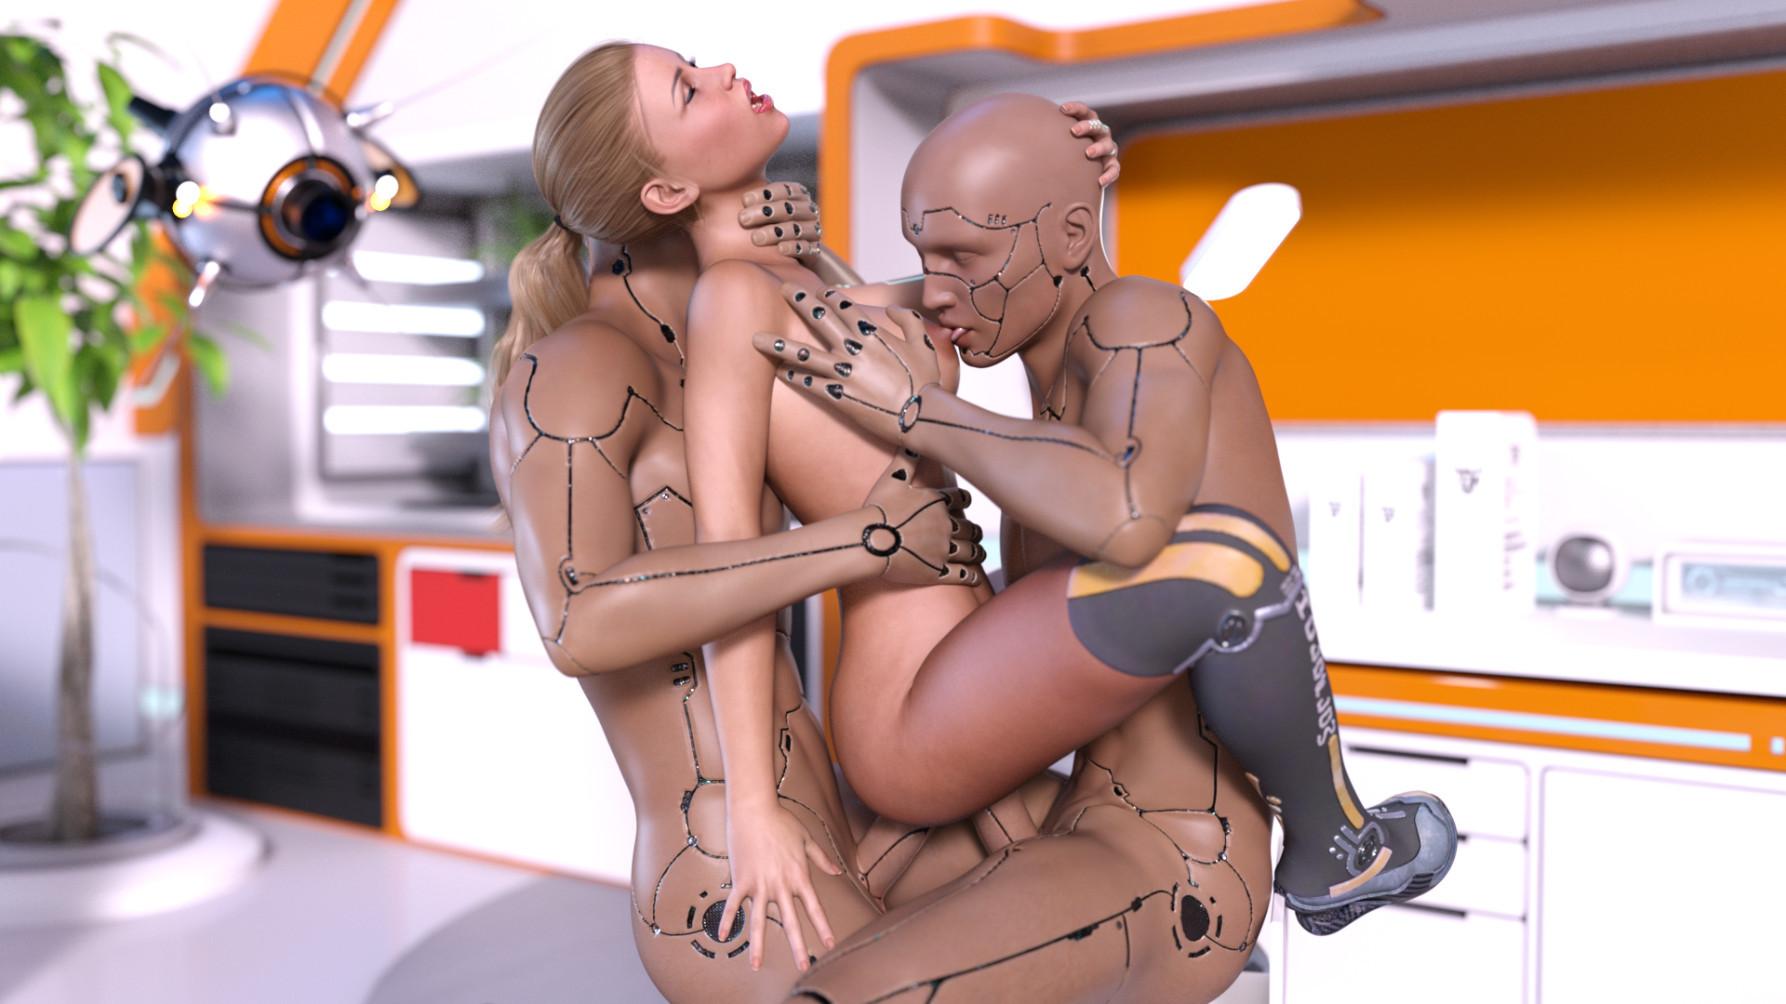 красивое порно роботы примере